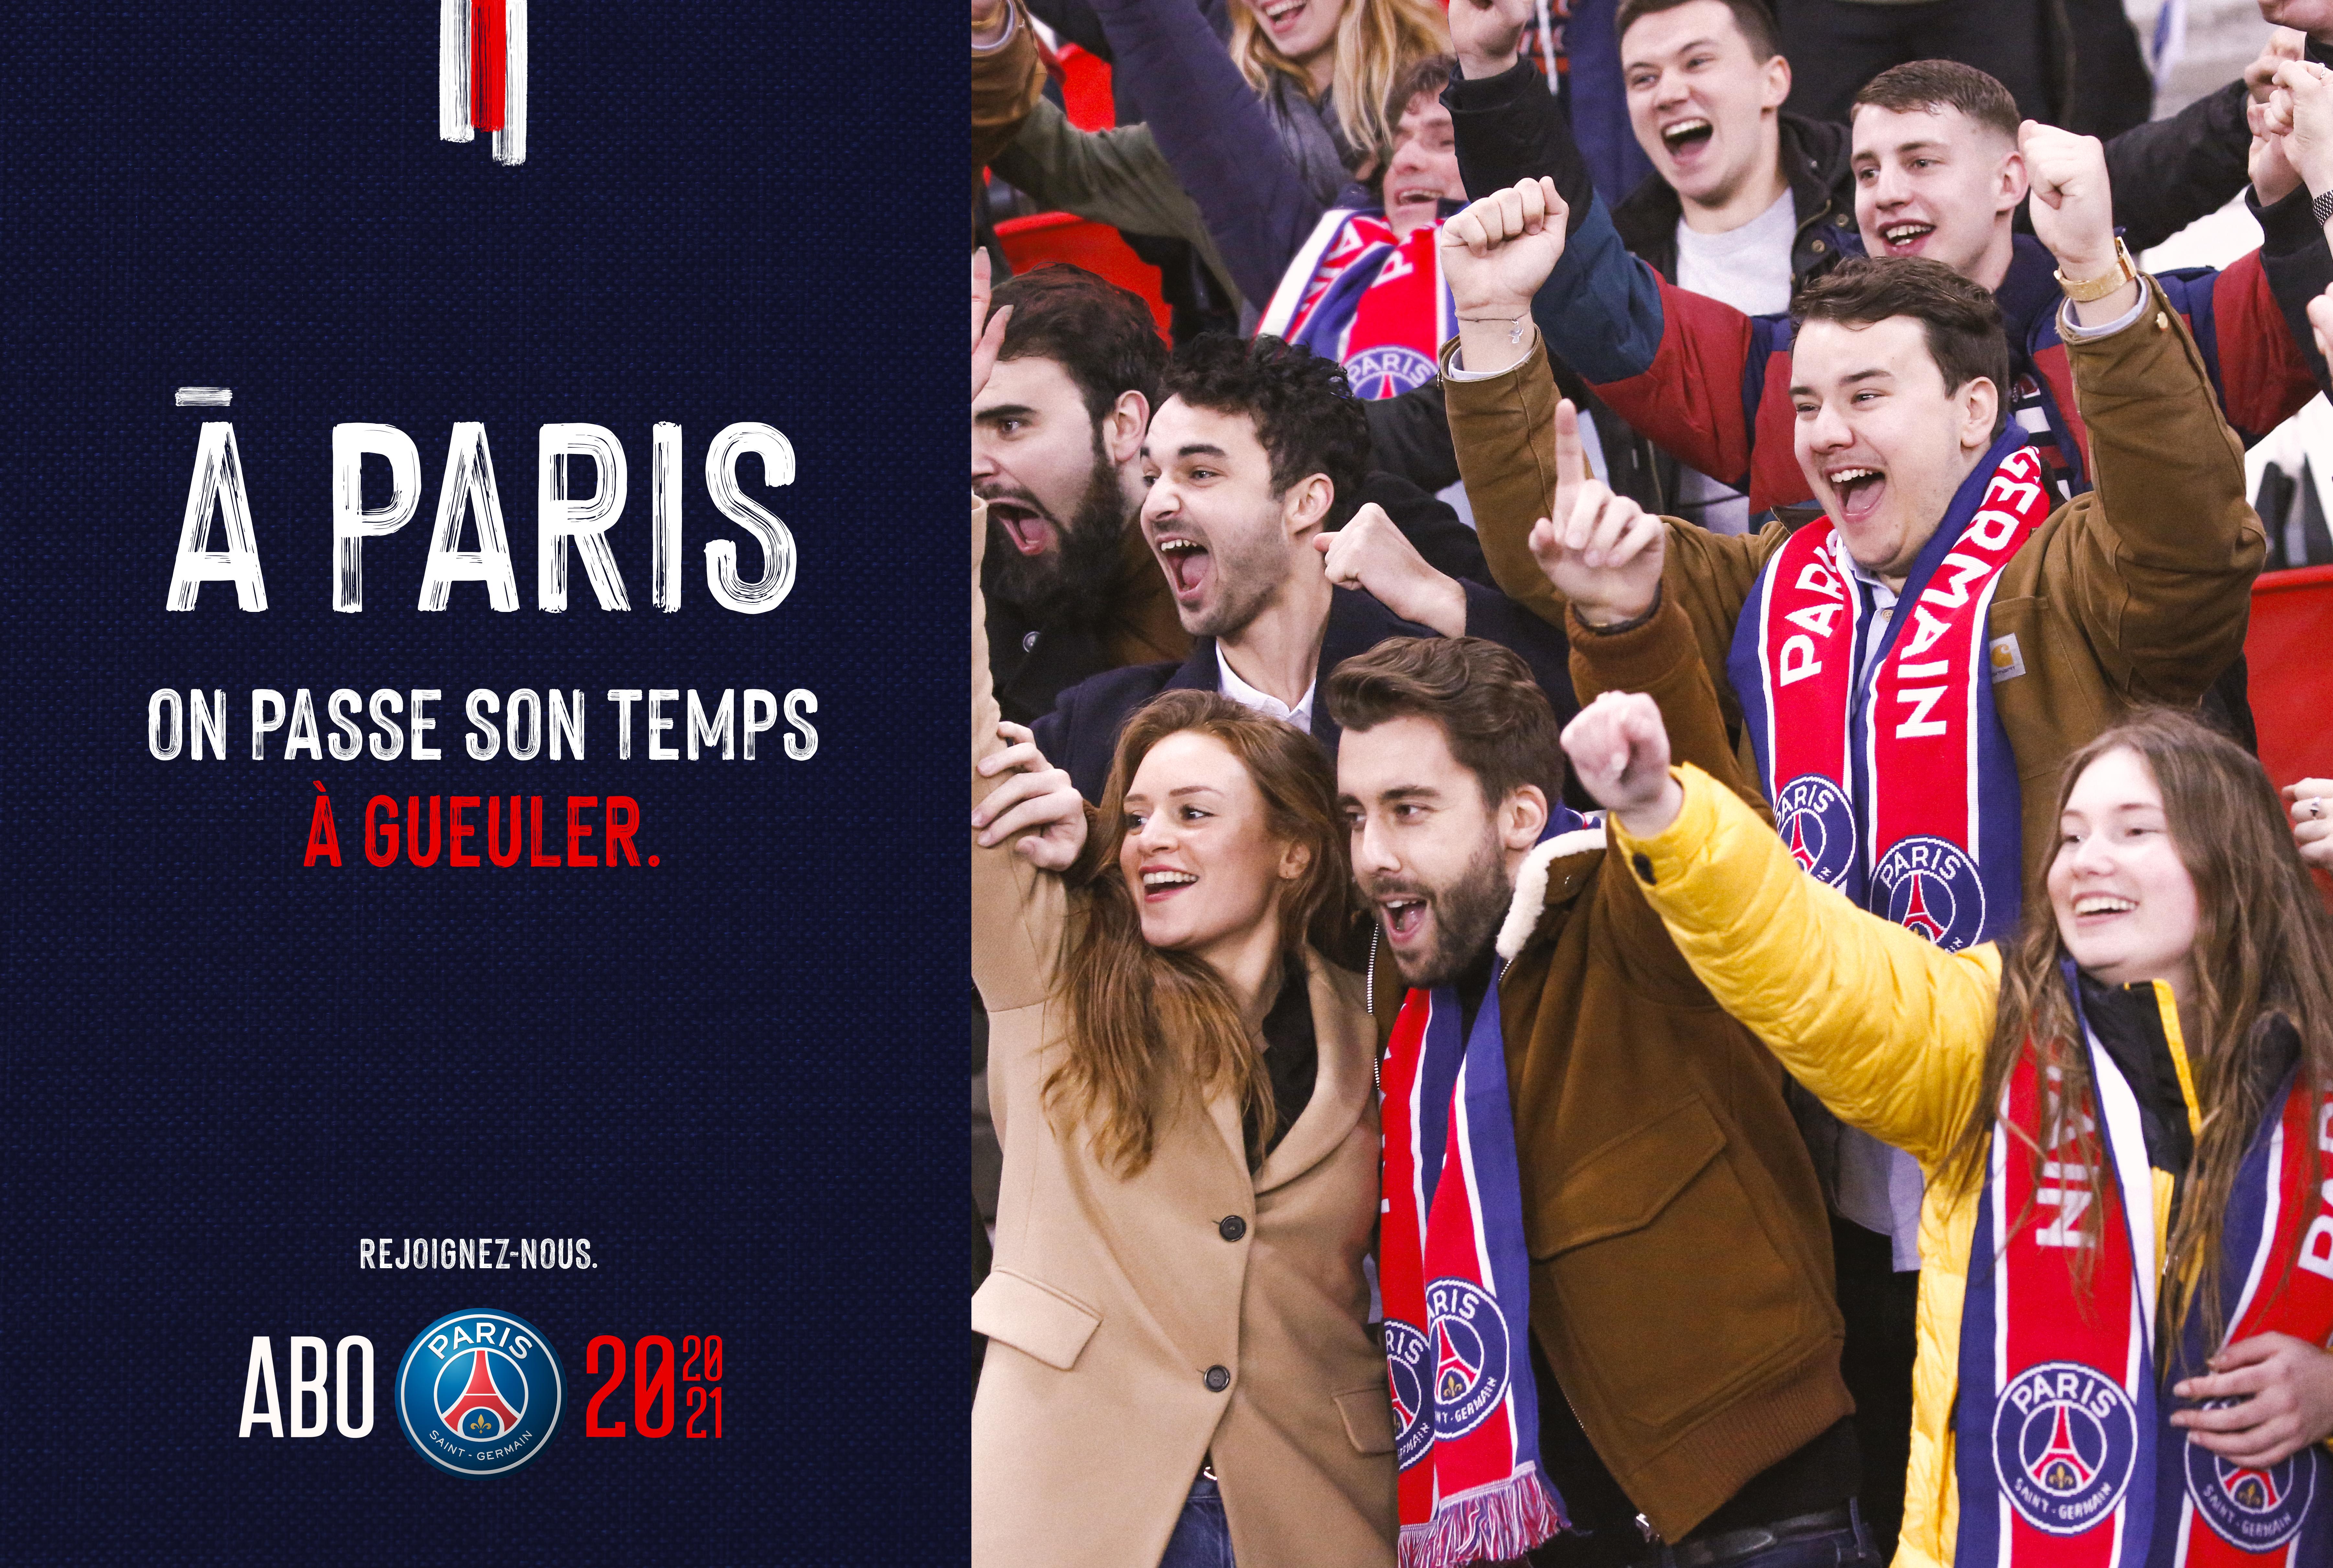 Visuel_supporters_crier_campagne_communication_marketing_abonnement_paris_saint_germain_football_psg_lafourmi